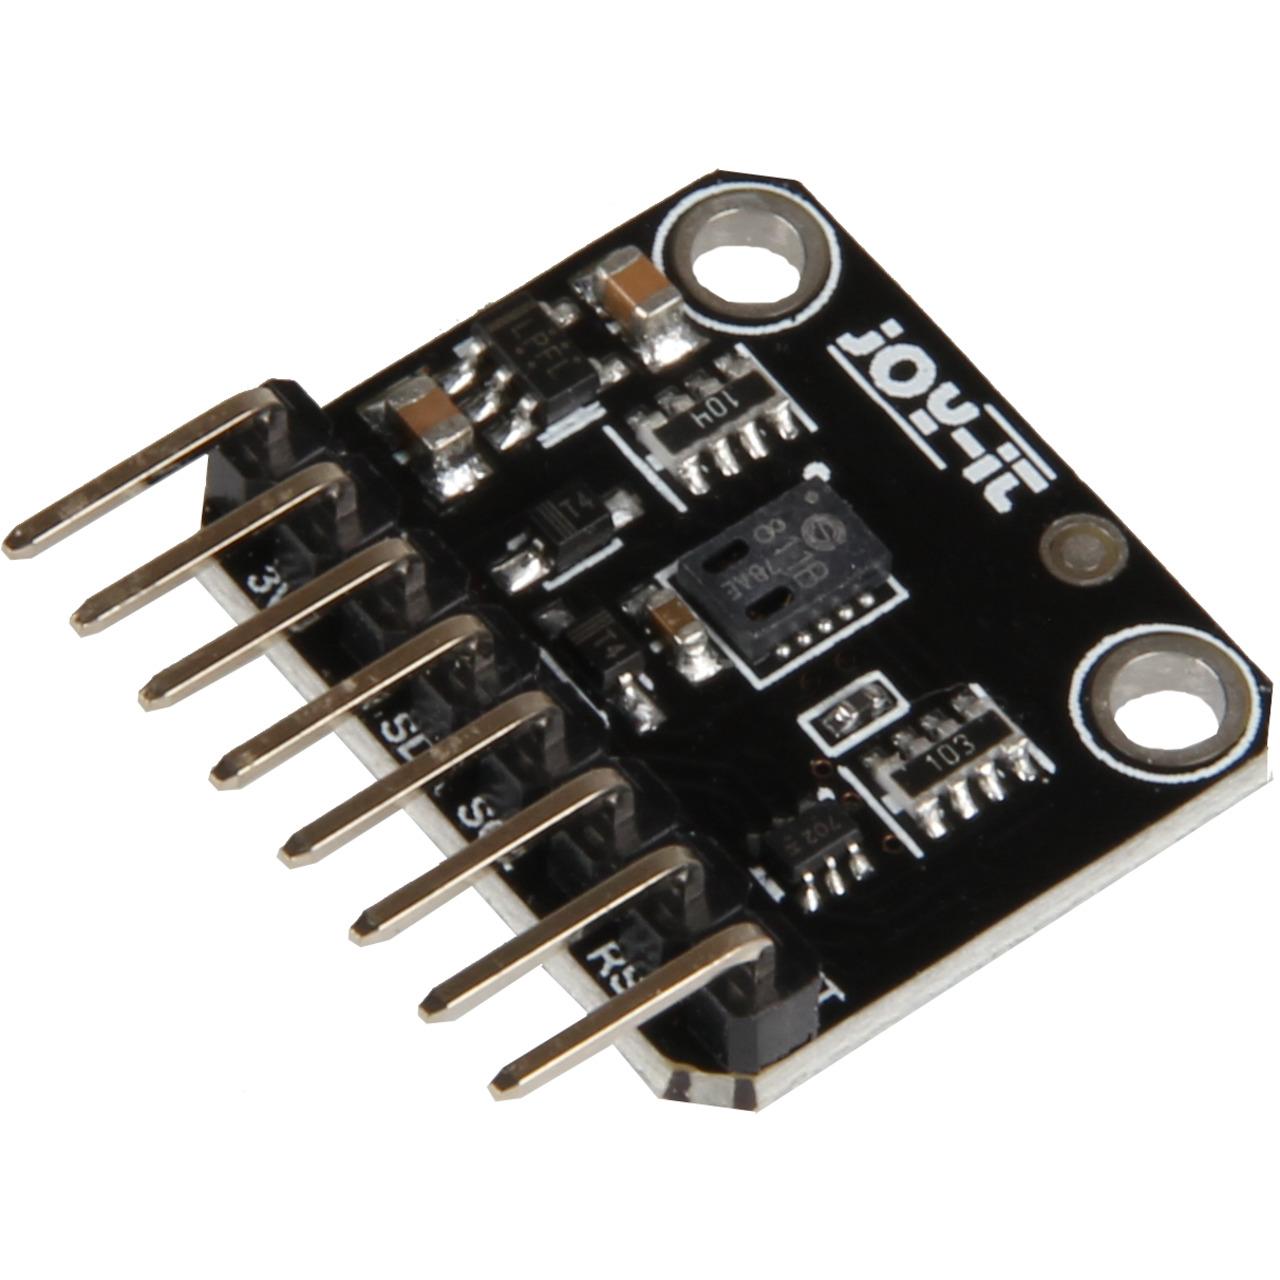 Joy-IT Luftqualitätssensor (VOC) mit angelötetenn Pins- I2C- CCS811 Sensor